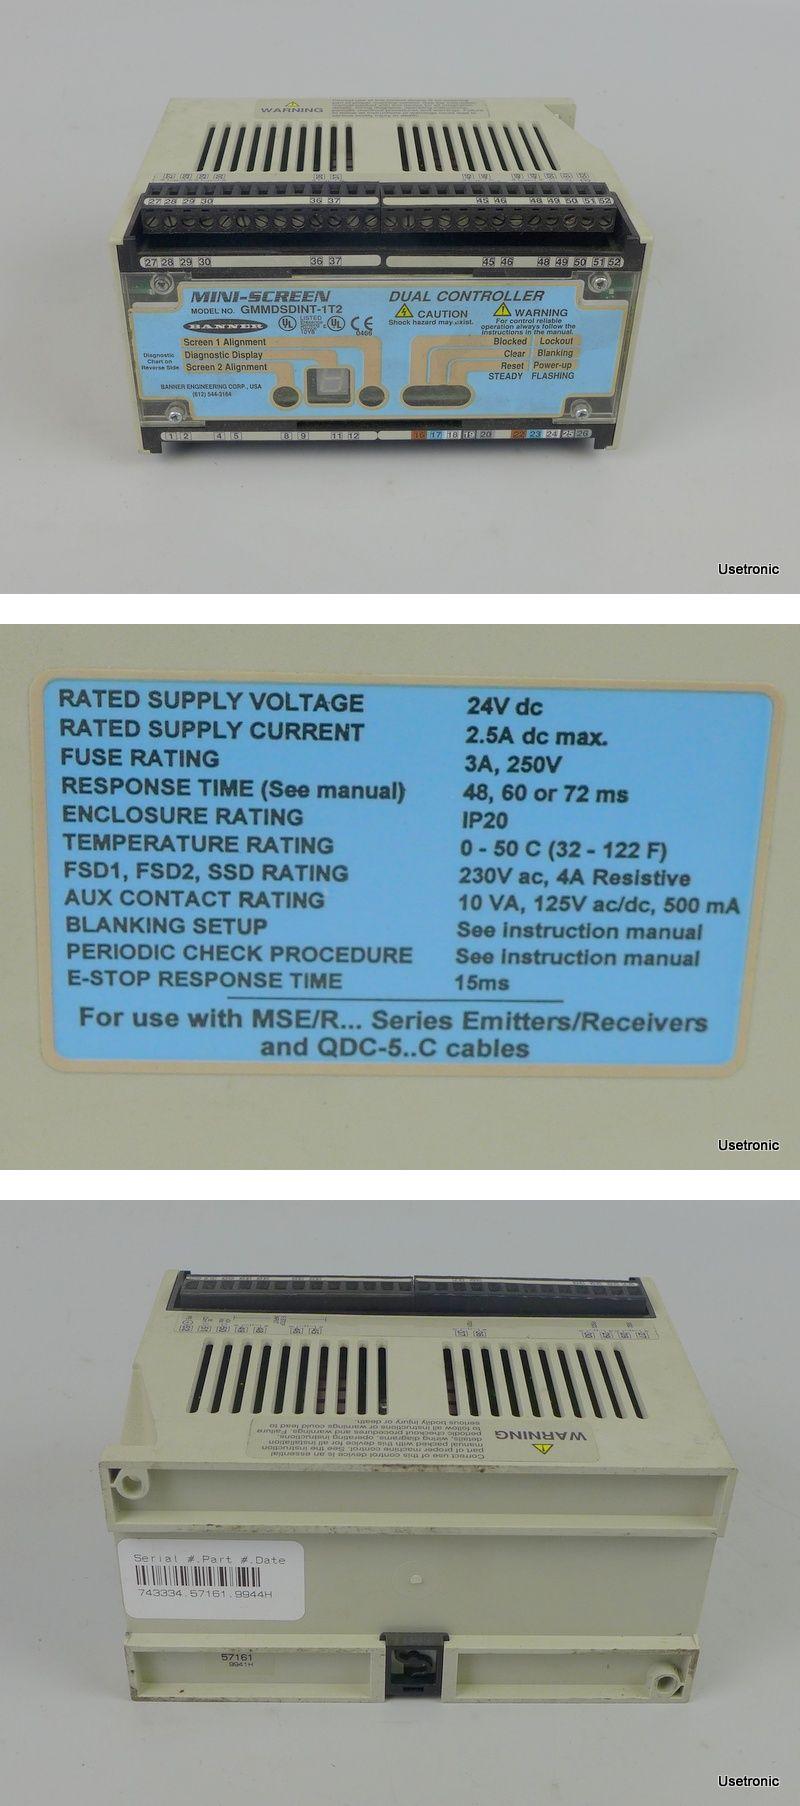 Dual Controller Banner GMMDSDINT-1T2